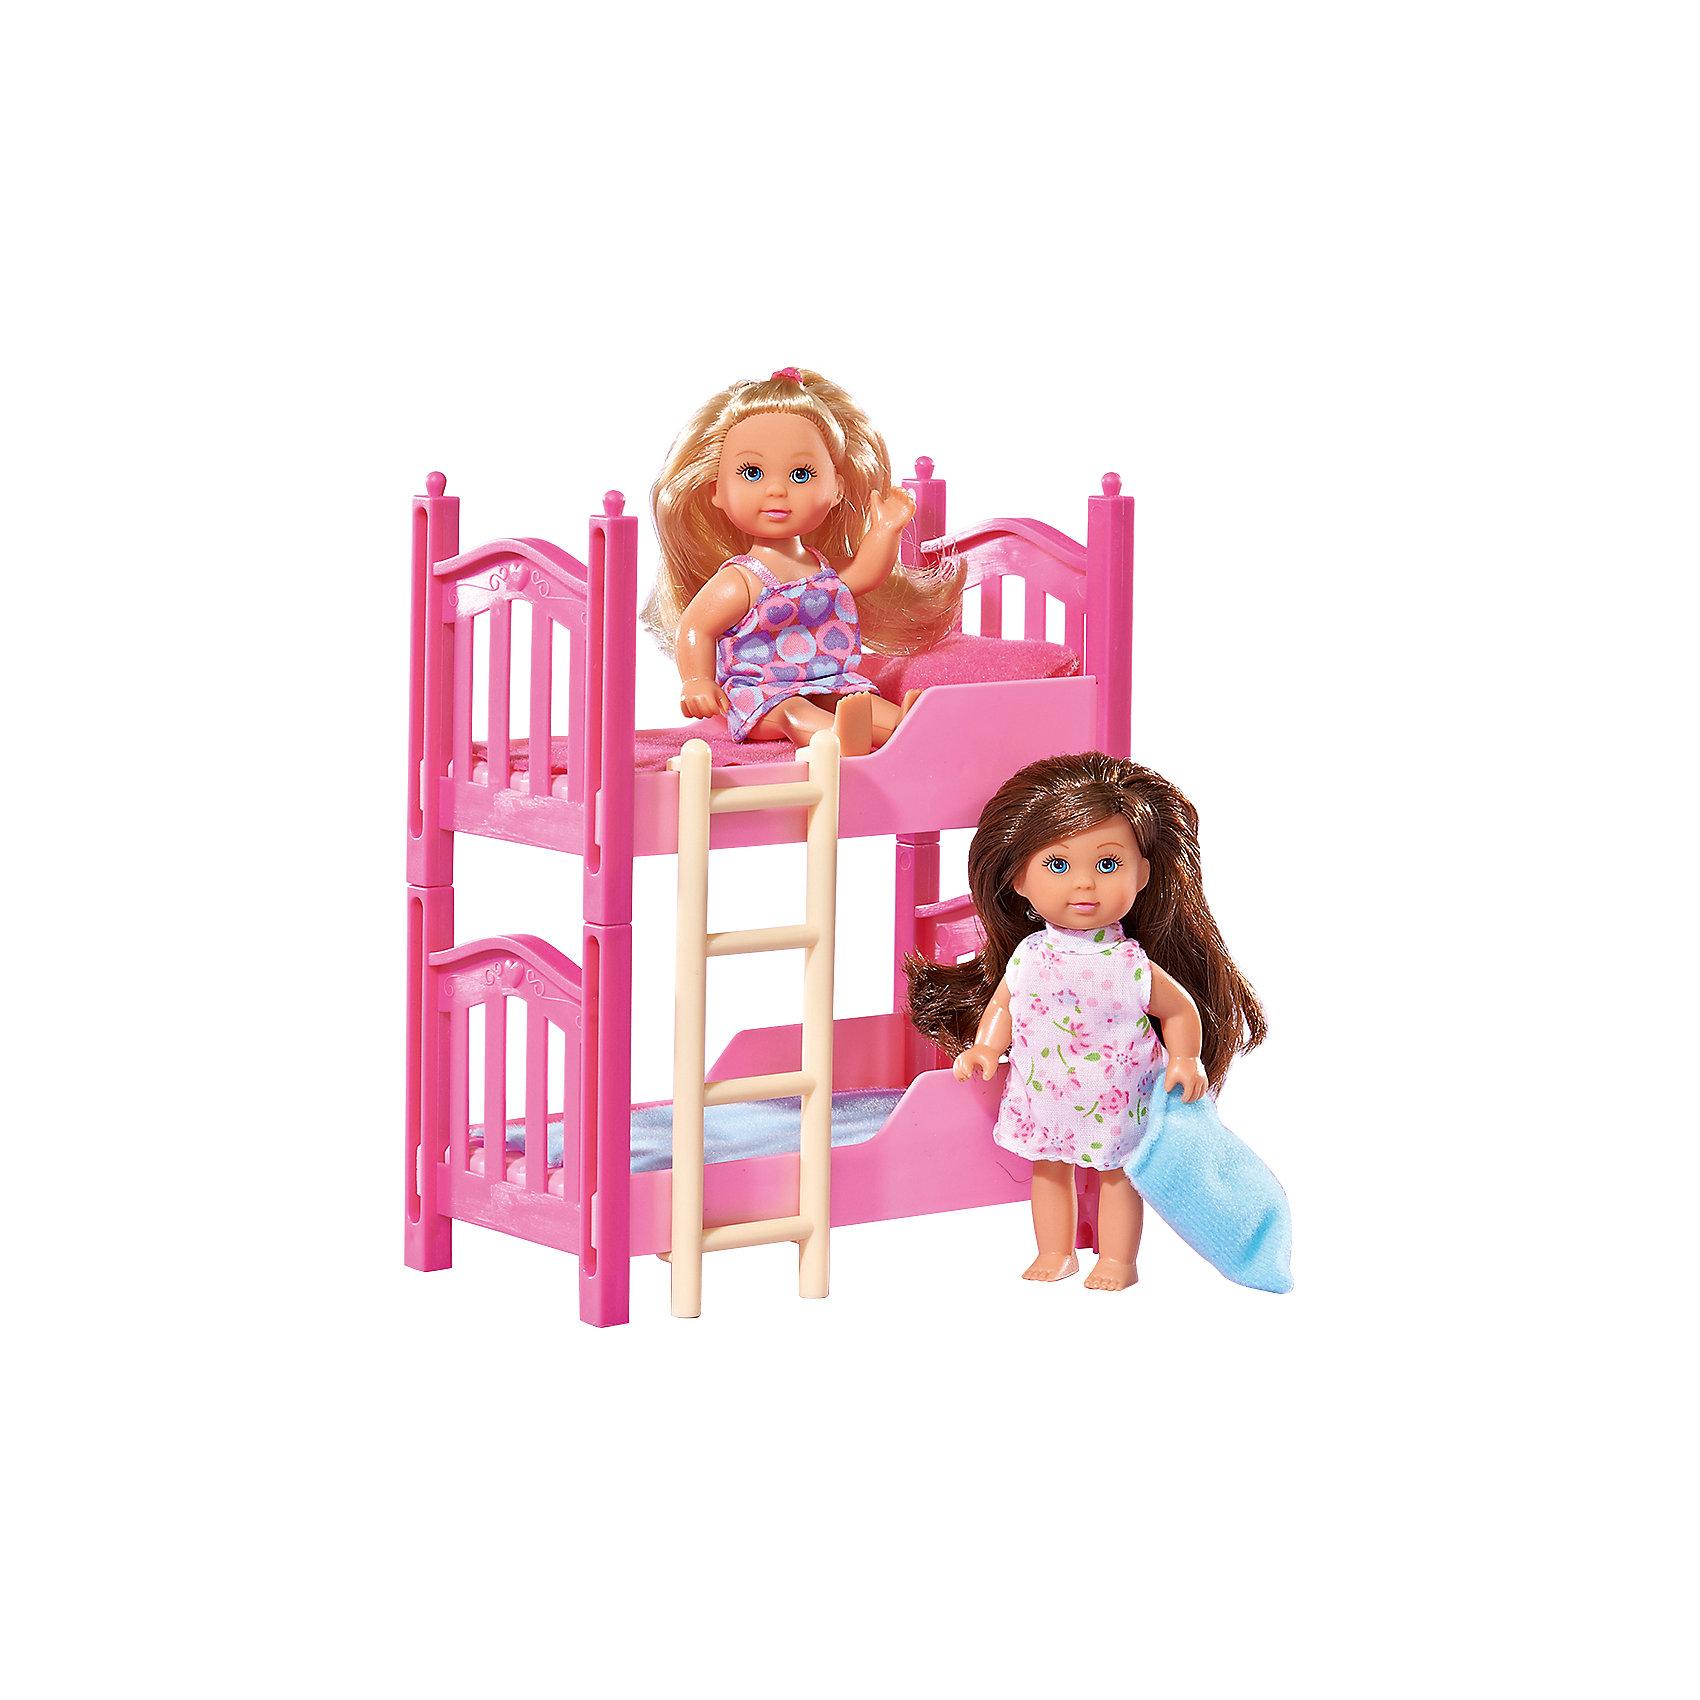 Еви с кроваткой, 2 шт, SimbaМини-куклы<br>Еви с кроваткой, 2 шт, Simba (Симба) – этот игровой набор станет прекрасным подарком для вашей малышки.<br>Две куклы Еви с двухъярусной кроватью розового цвета - прекрасный игровой набор для вашей девочки. С ним можно придумать увлекательные сюжеты для игры в дочки-матери. Двухъярусная кроватка оборудована бортиками для того, чтобы Еви и ее сестричка случайно не упали. На второй ярус ведет приставная лестница. Уникальность кроватки в том, что при желании она с легкостью разделяется на два отдельных спальных места. В комплекте идут спальные принадлежности. У малышек Еви детские пухленькие лица, нарисованные выразительные голубые глаза, подвижные ручки и ножки. Вашей дочурке непременно понравится расчесывать шелковистые длинные волосы кукол и придумывать им разнообразные прически. Набор тщательно детализован, изготовлен из высококачественных и абсолютно безопасных материалов.<br><br>Дополнительная информация:<br><br>- В комплекте: 2 куклы (блондинка и брюнетка), двухъярусная кровать, лесенка, спальные принадлежности<br>- Высота куклы: 12 см.<br>- Материал: высококачественный пластик, текстиль<br>- Размер упаковки: 22х16,5х8,5 см.<br>- Вес: 300 гр.<br><br>Куклу Еви с кроваткой, 2 шт, Simba (Симба) можно купить в нашем интернет-магазине.<br><br>Ширина мм: 230<br>Глубина мм: 161<br>Высота мм: 88<br>Вес г: 283<br>Возраст от месяцев: 36<br>Возраст до месяцев: 72<br>Пол: Женский<br>Возраст: Детский<br>SKU: 1623618